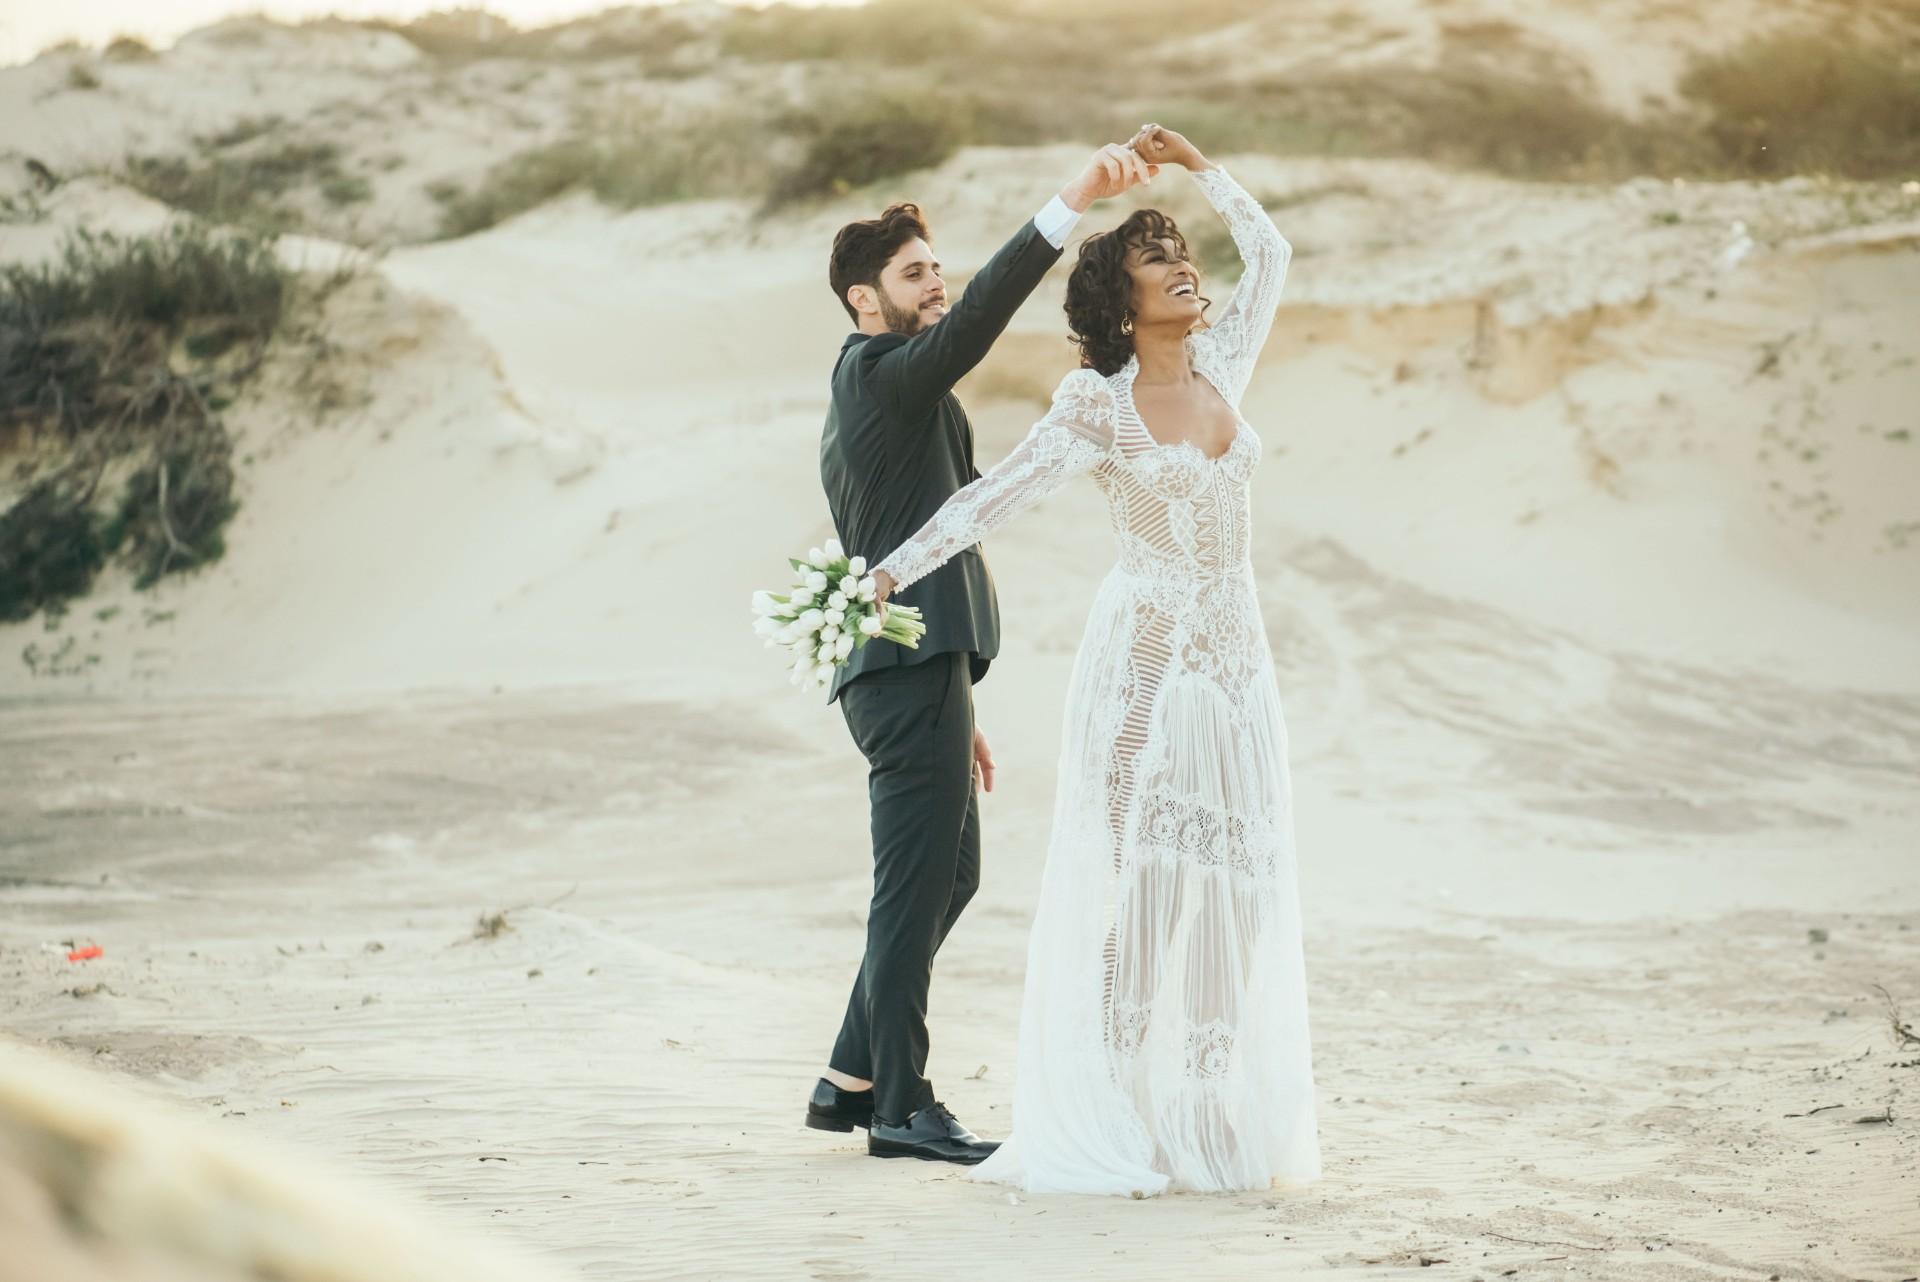 הכי נוצץ שיש: החתונה של רותי וצחי